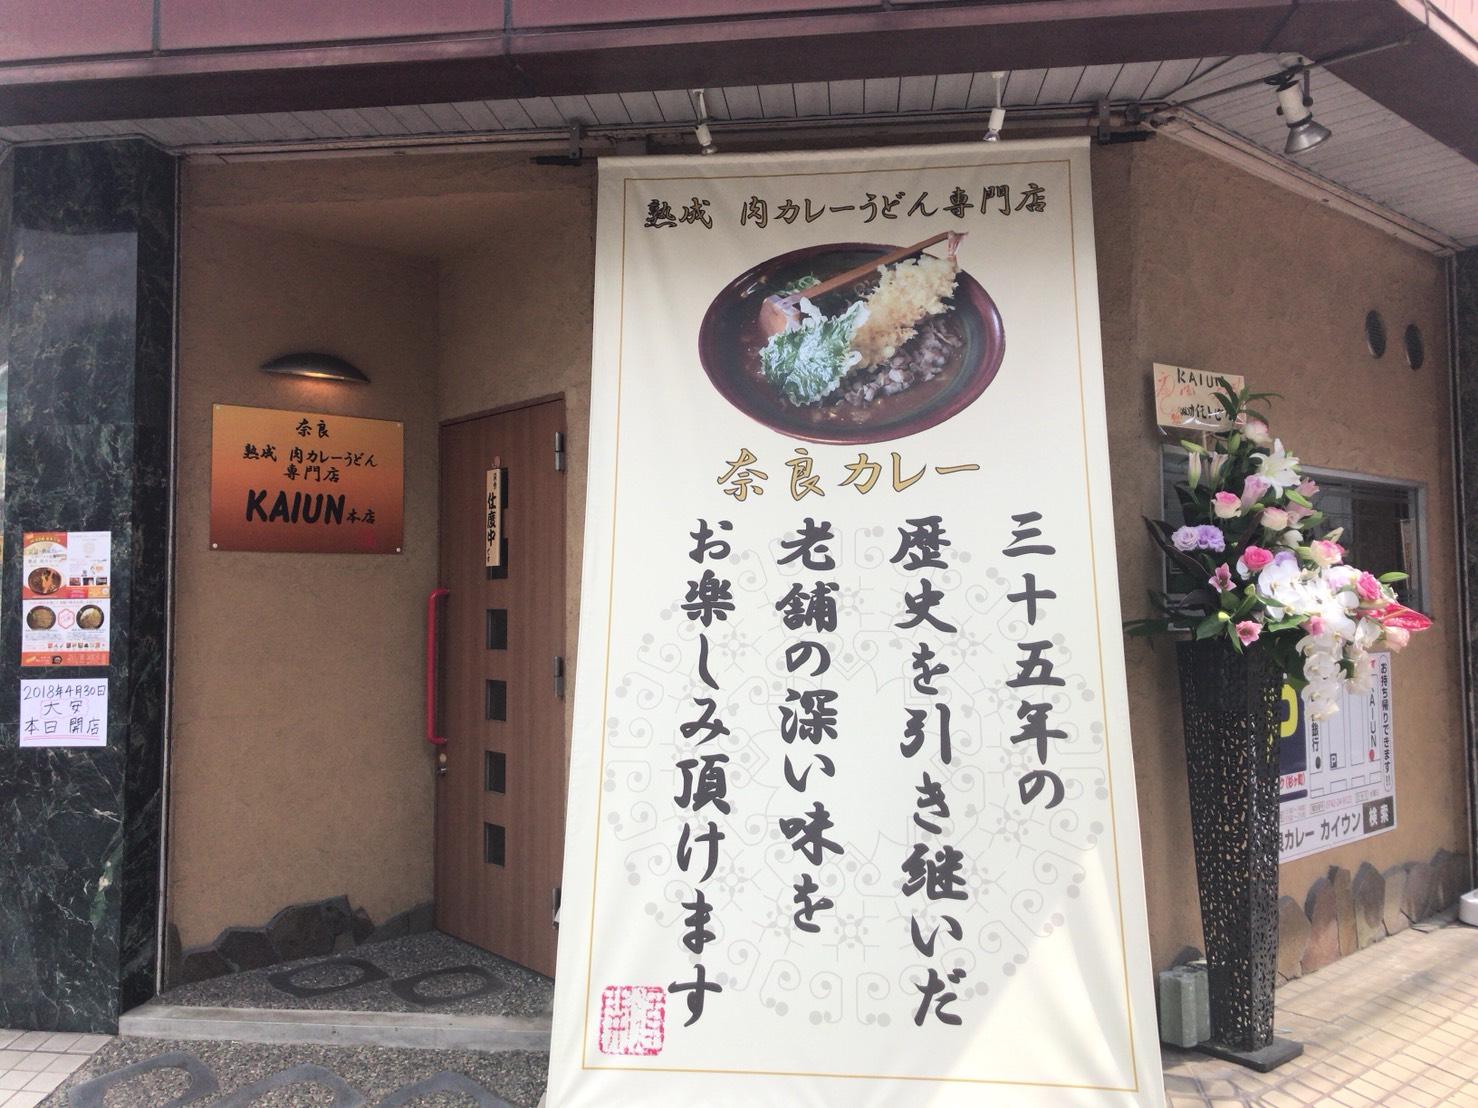 奈良県 大和郡山市小泉駅前美容室SWEET ROOM KAIUNうどんインスタキャンペーン!!